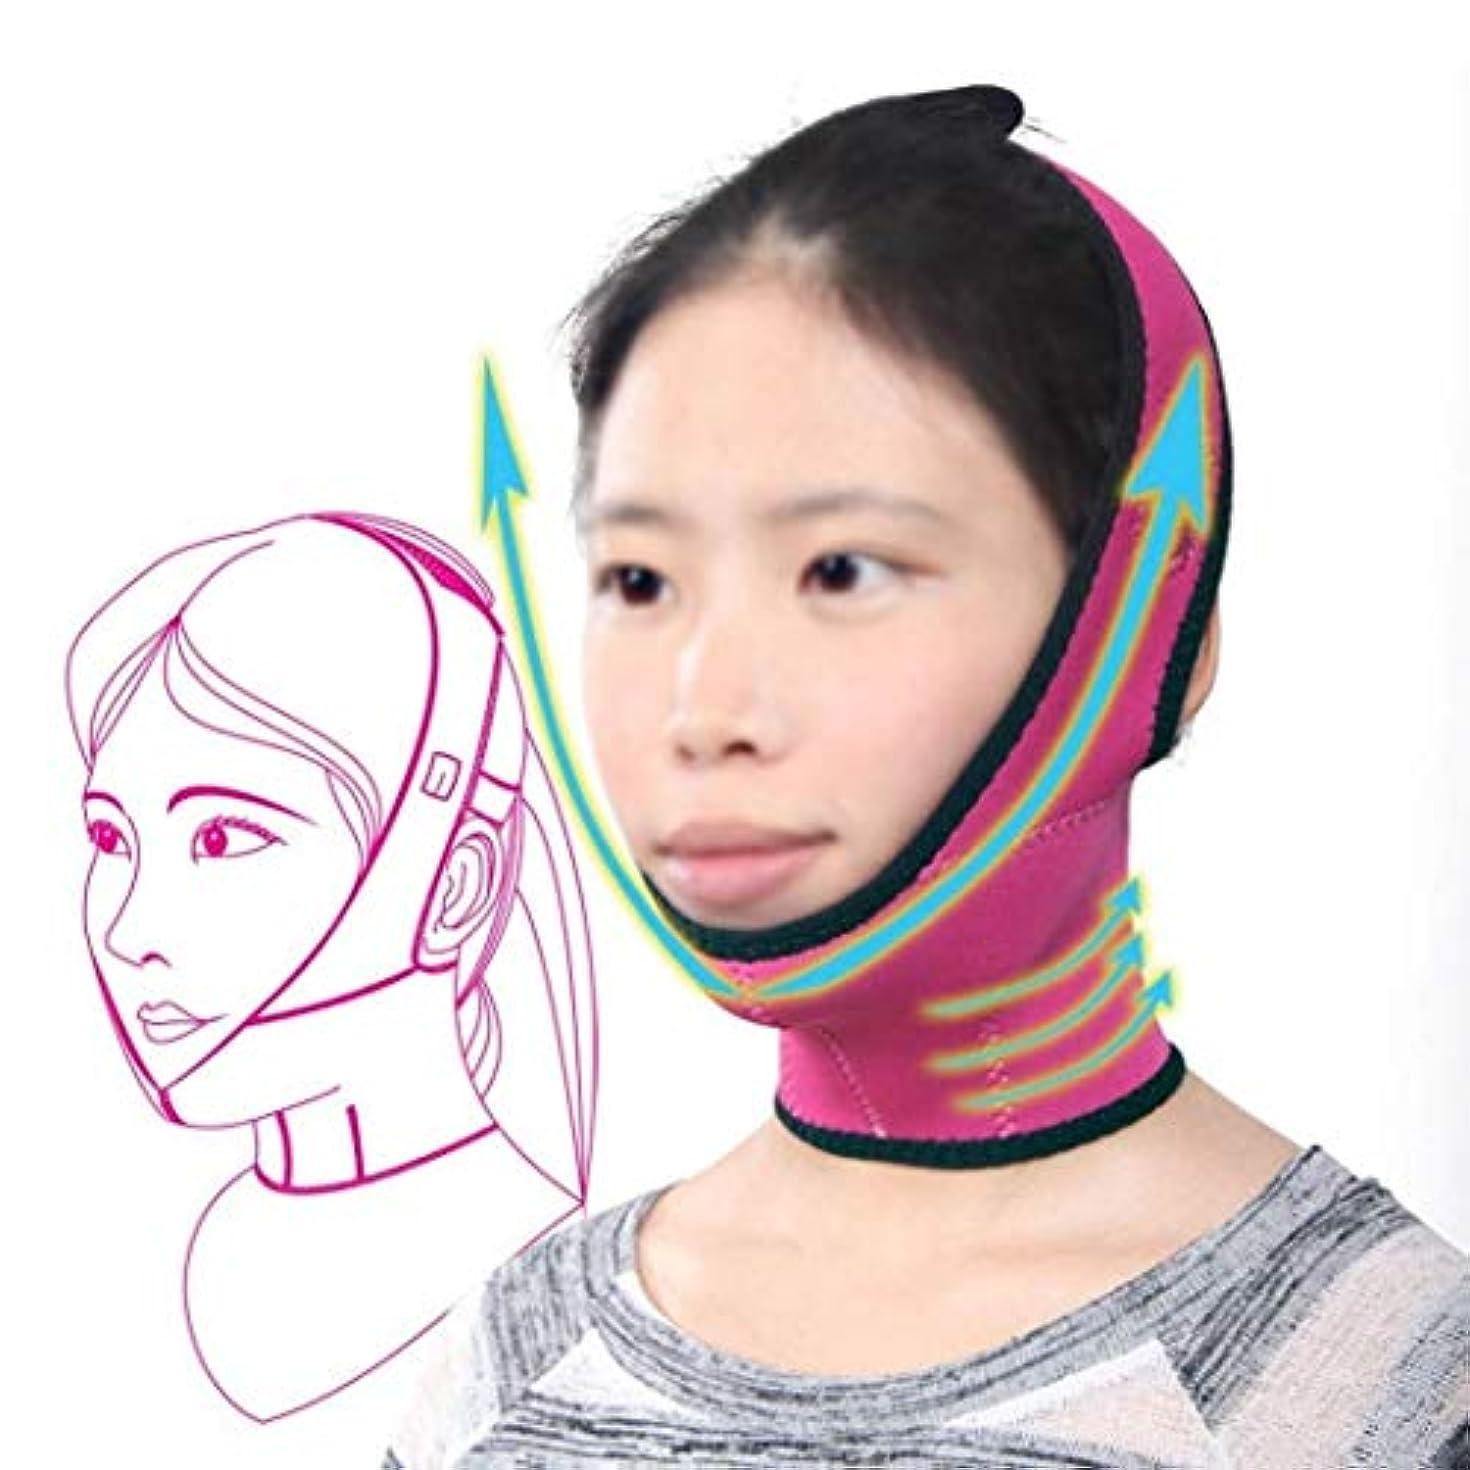 汗ジーンズファイバフェイスリフトマスク、スリミングベルトフェイスマスク強力なリフティング小さなV顔薄い顔包帯美容美容リフティング顔小さな顔薄いフェイスマスク